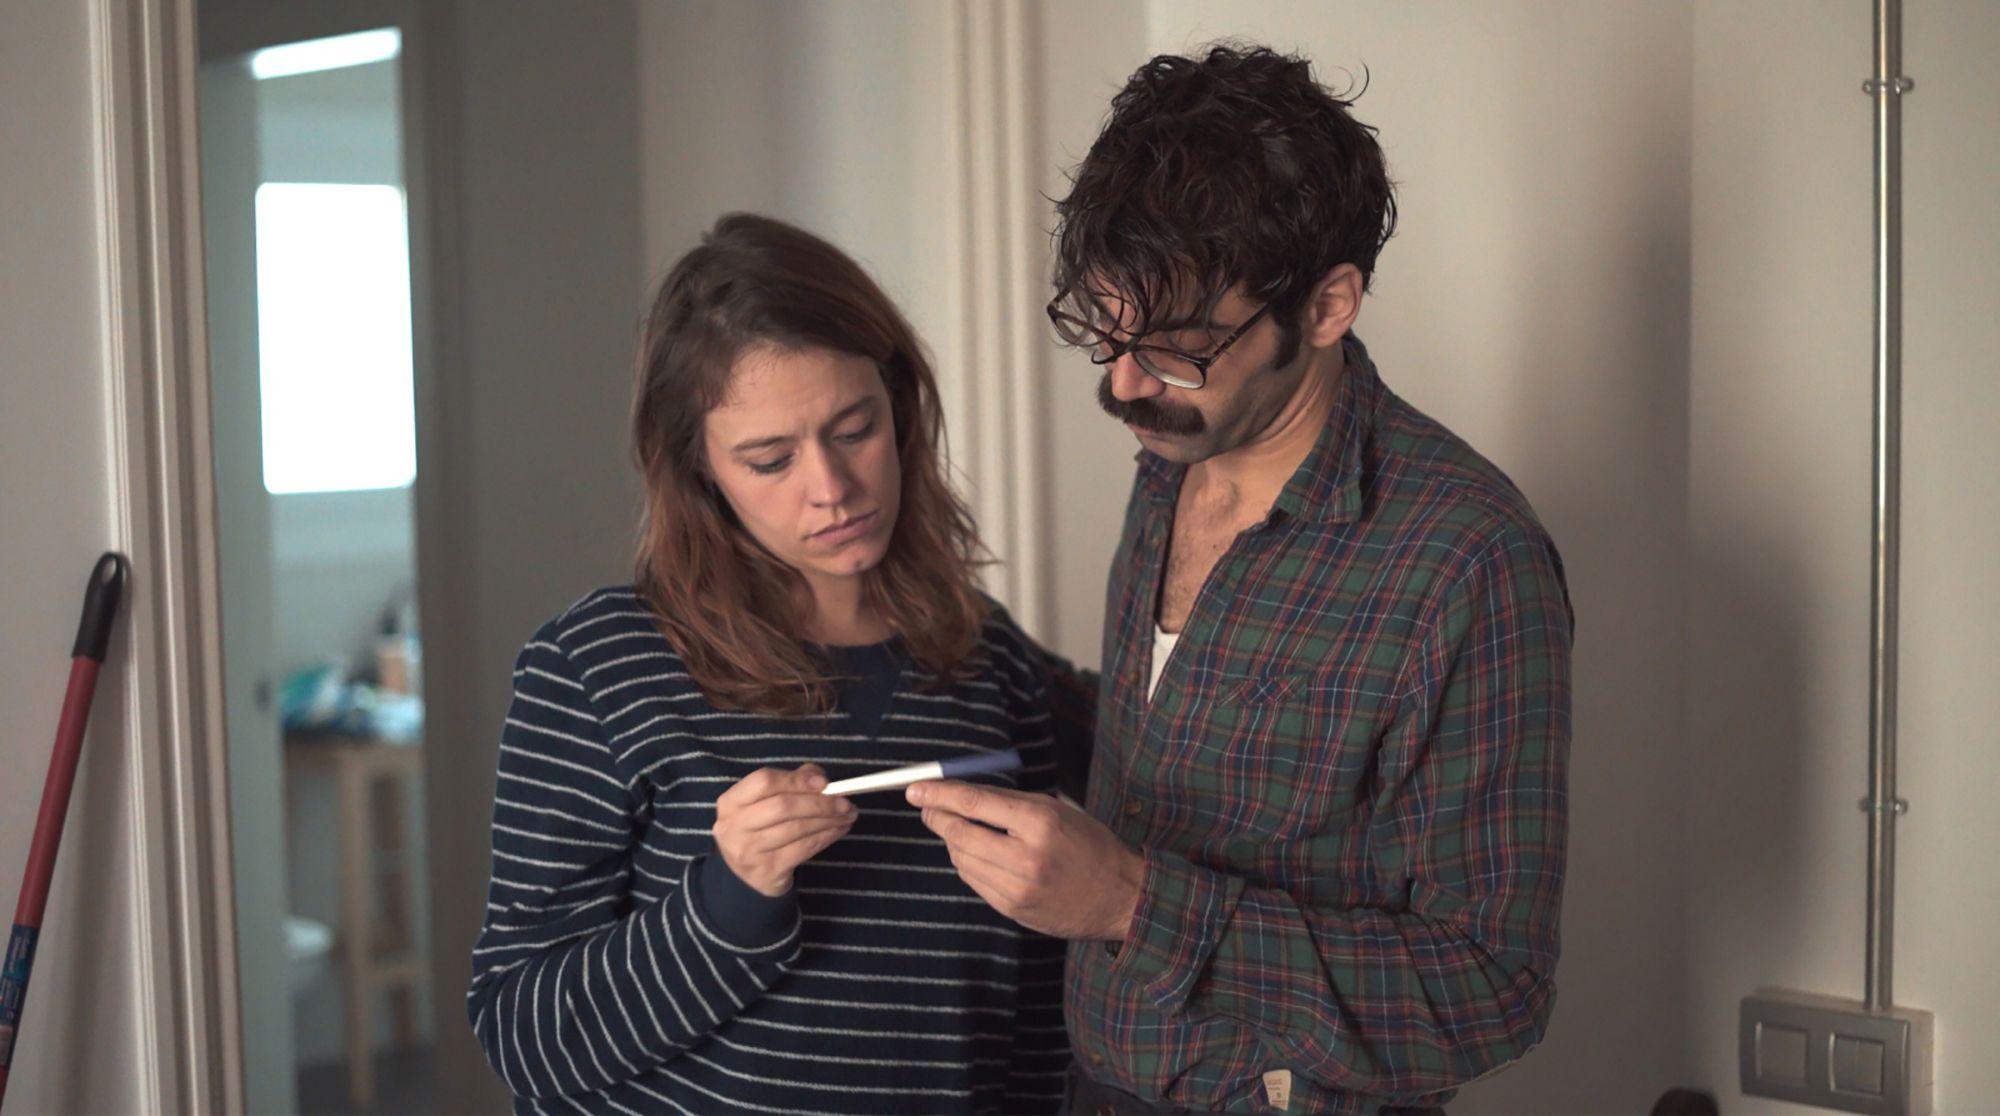 'Los días que vendrán': Hablamos con David Verdaguer y María Rodríguez Soto